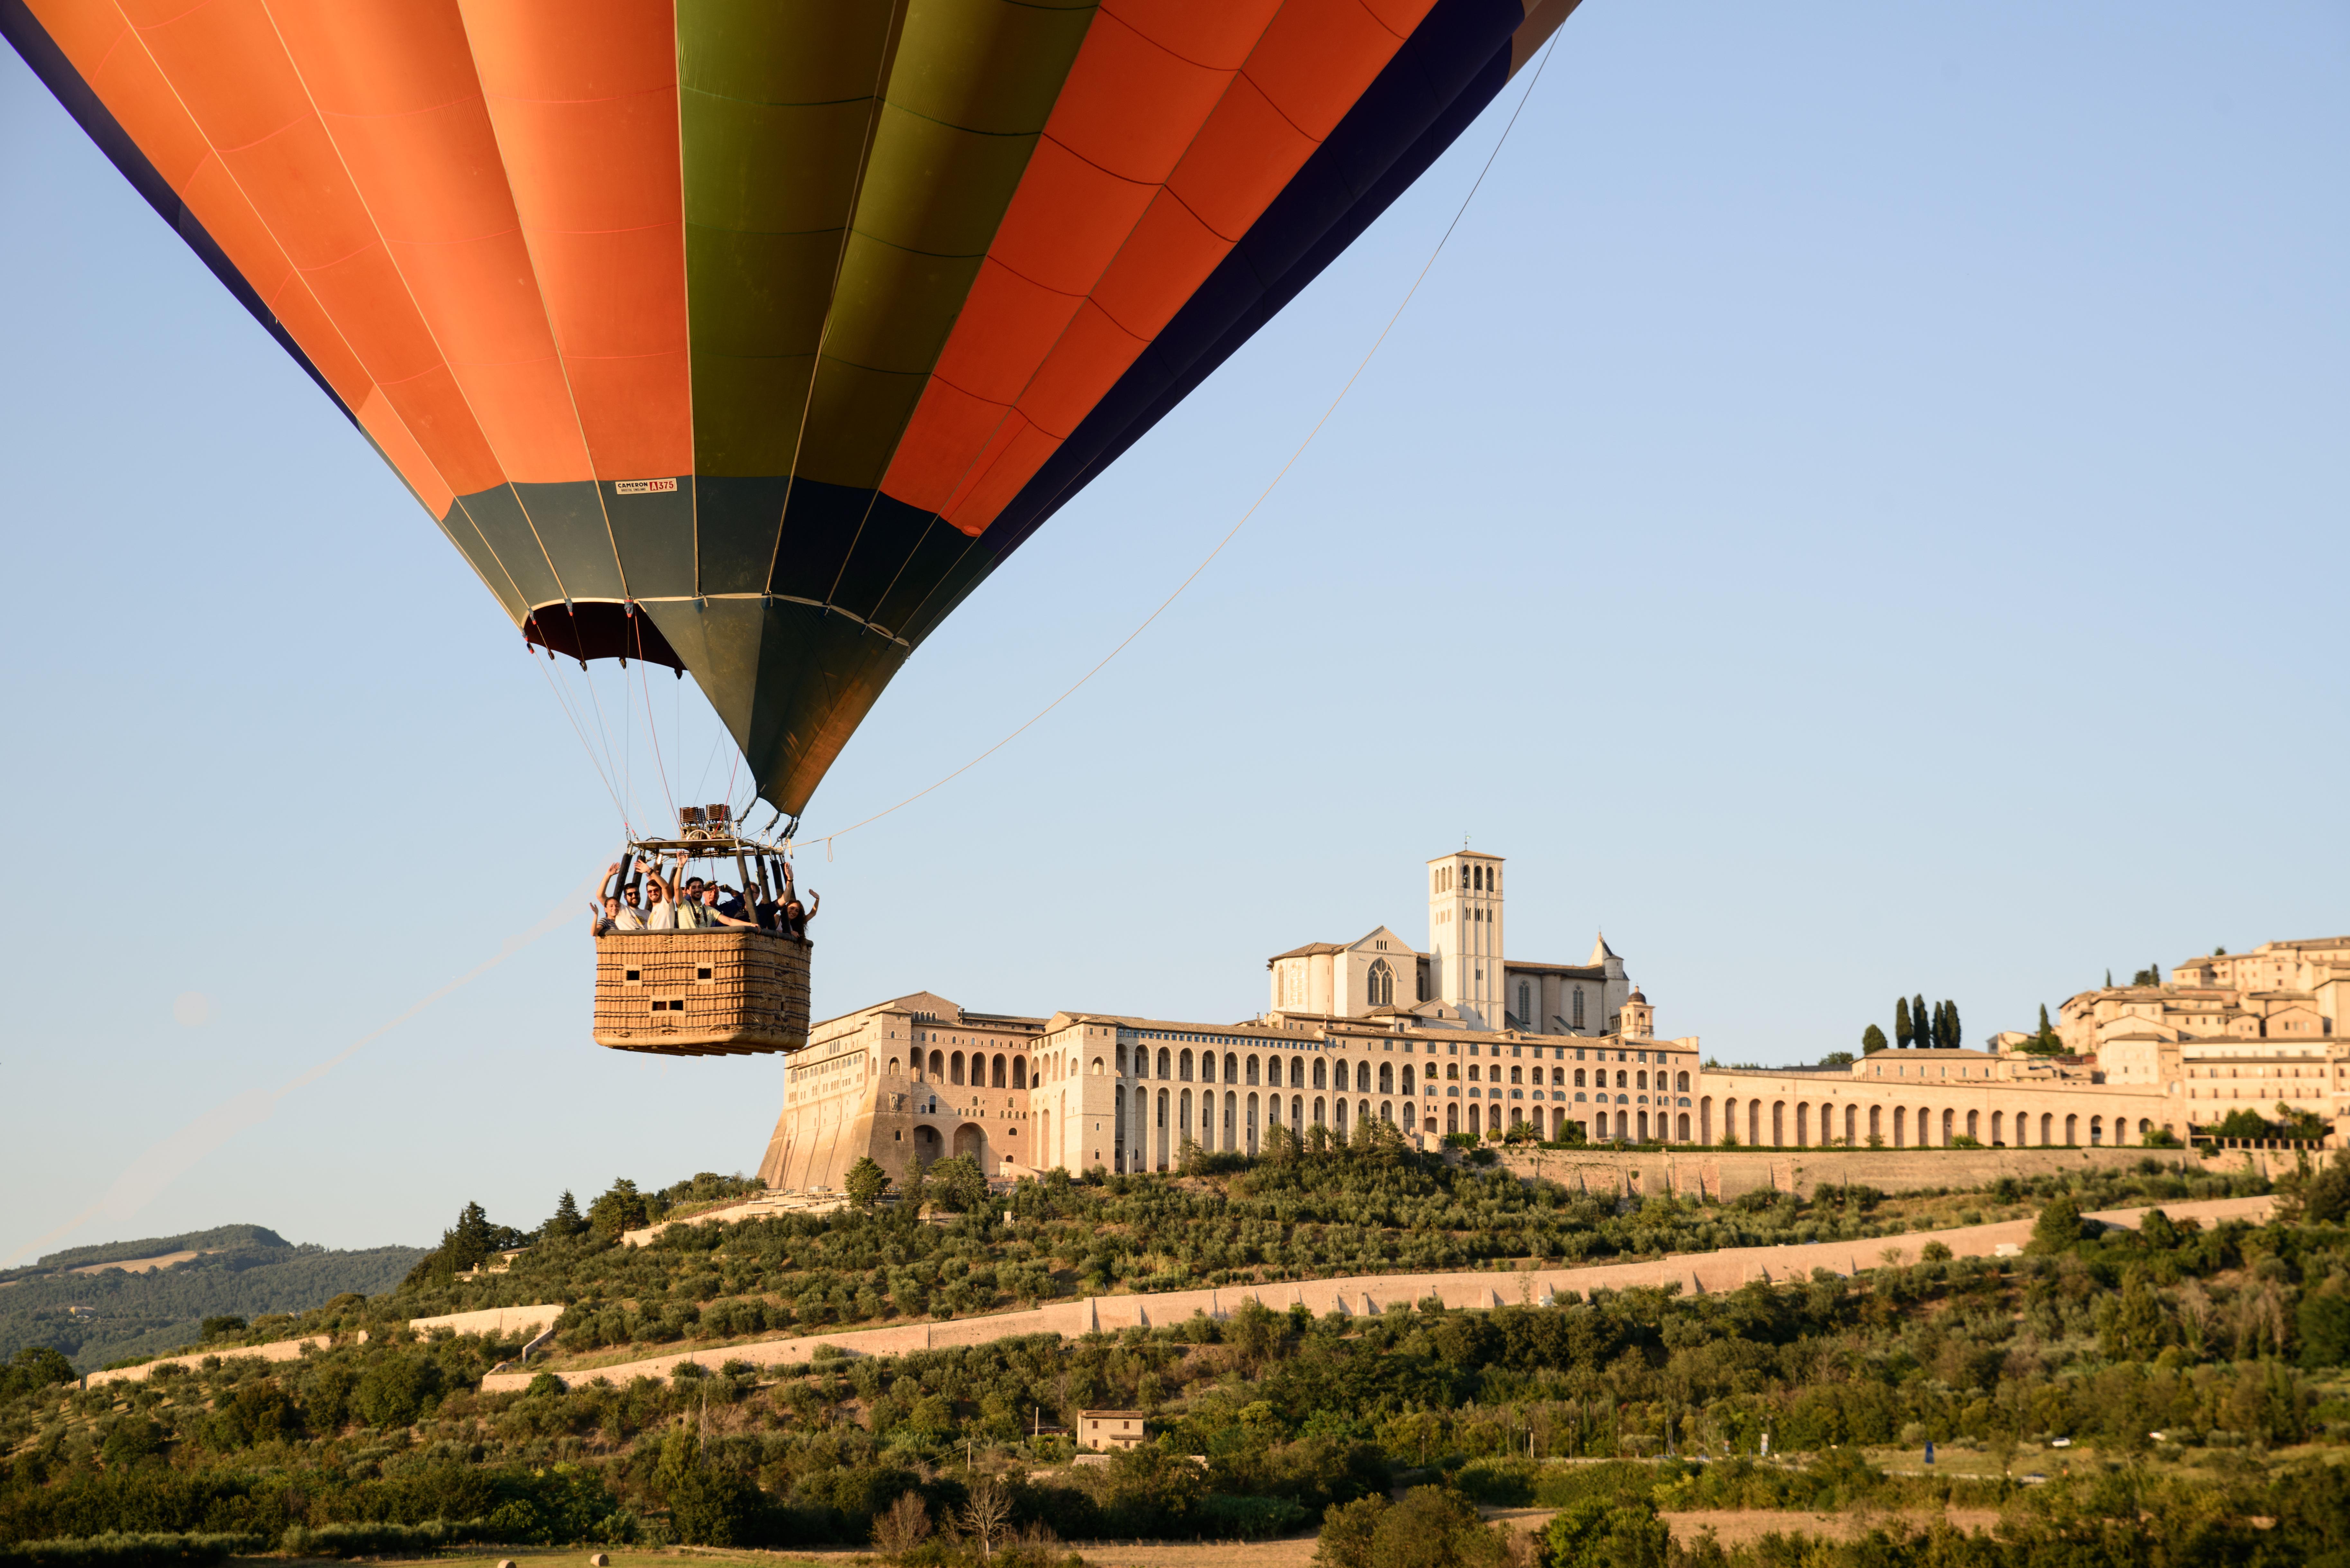 hot-air-balloon-italy-volo-mongolfiera-umbria01